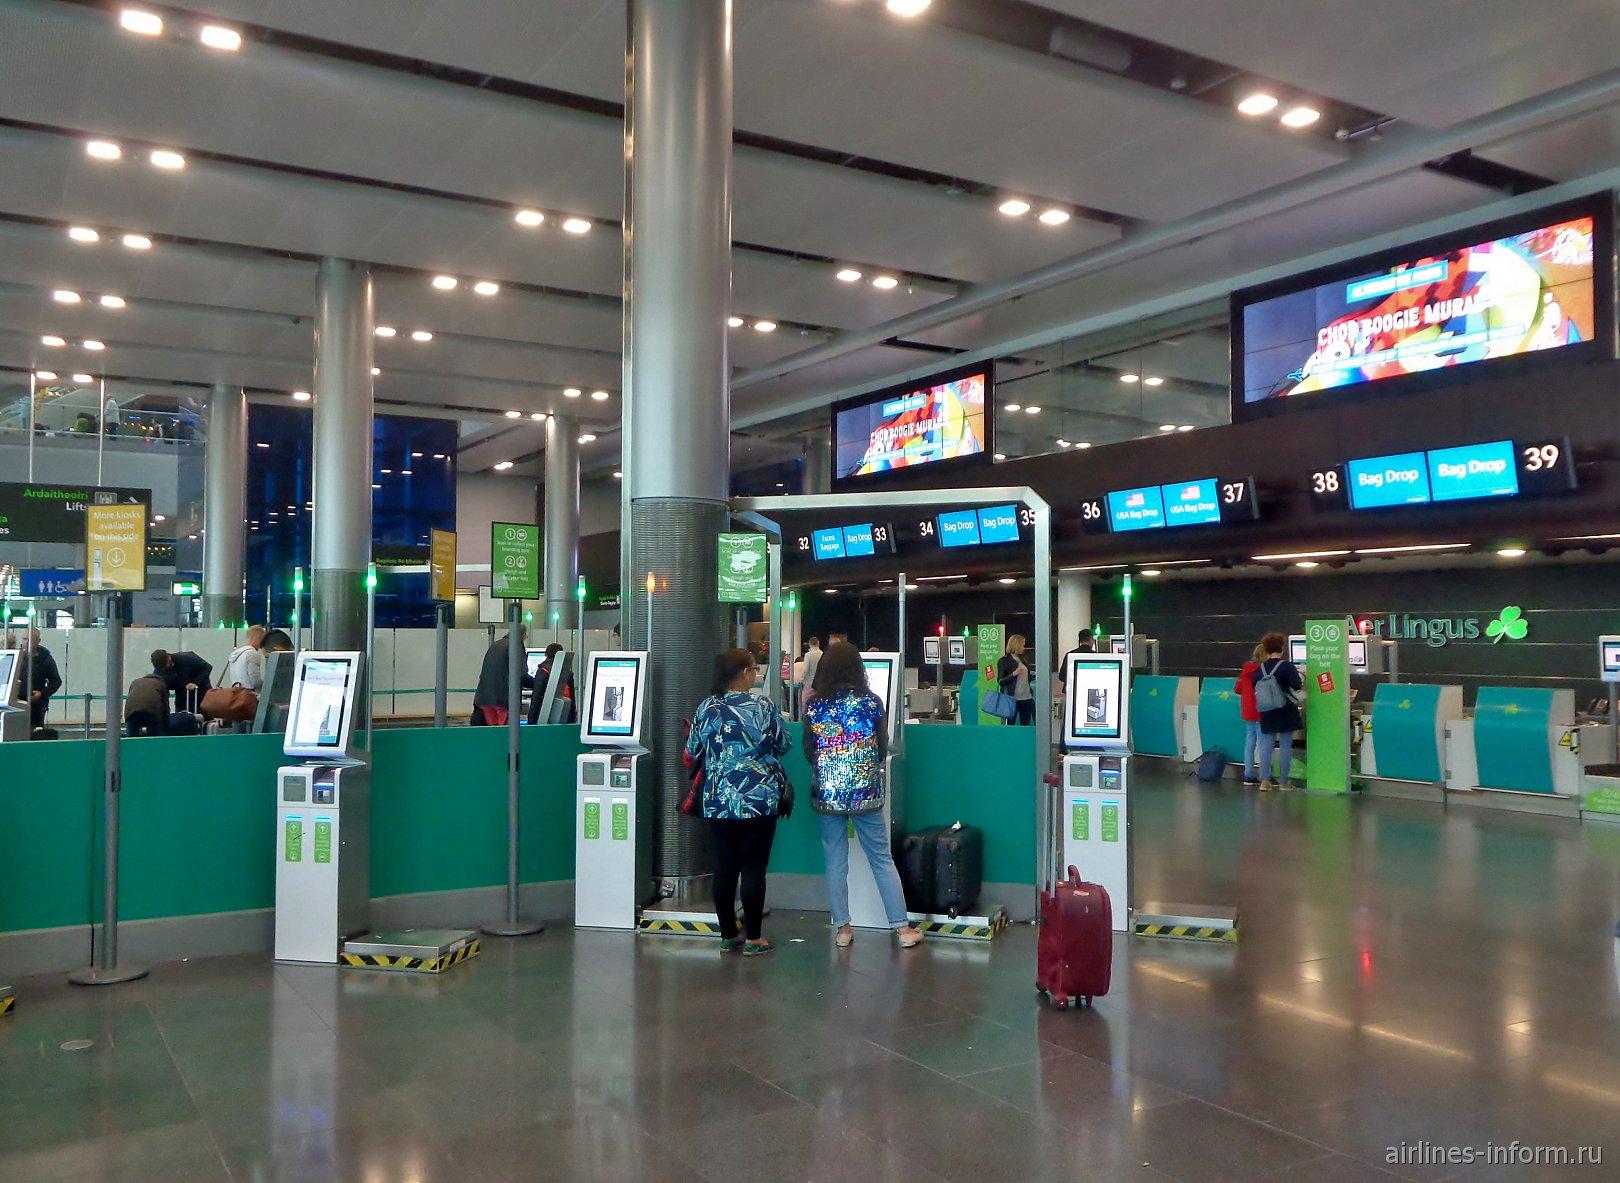 Зона регистрации авиакомпании Aer Lingus в терминале 2 аэропорта Дублин